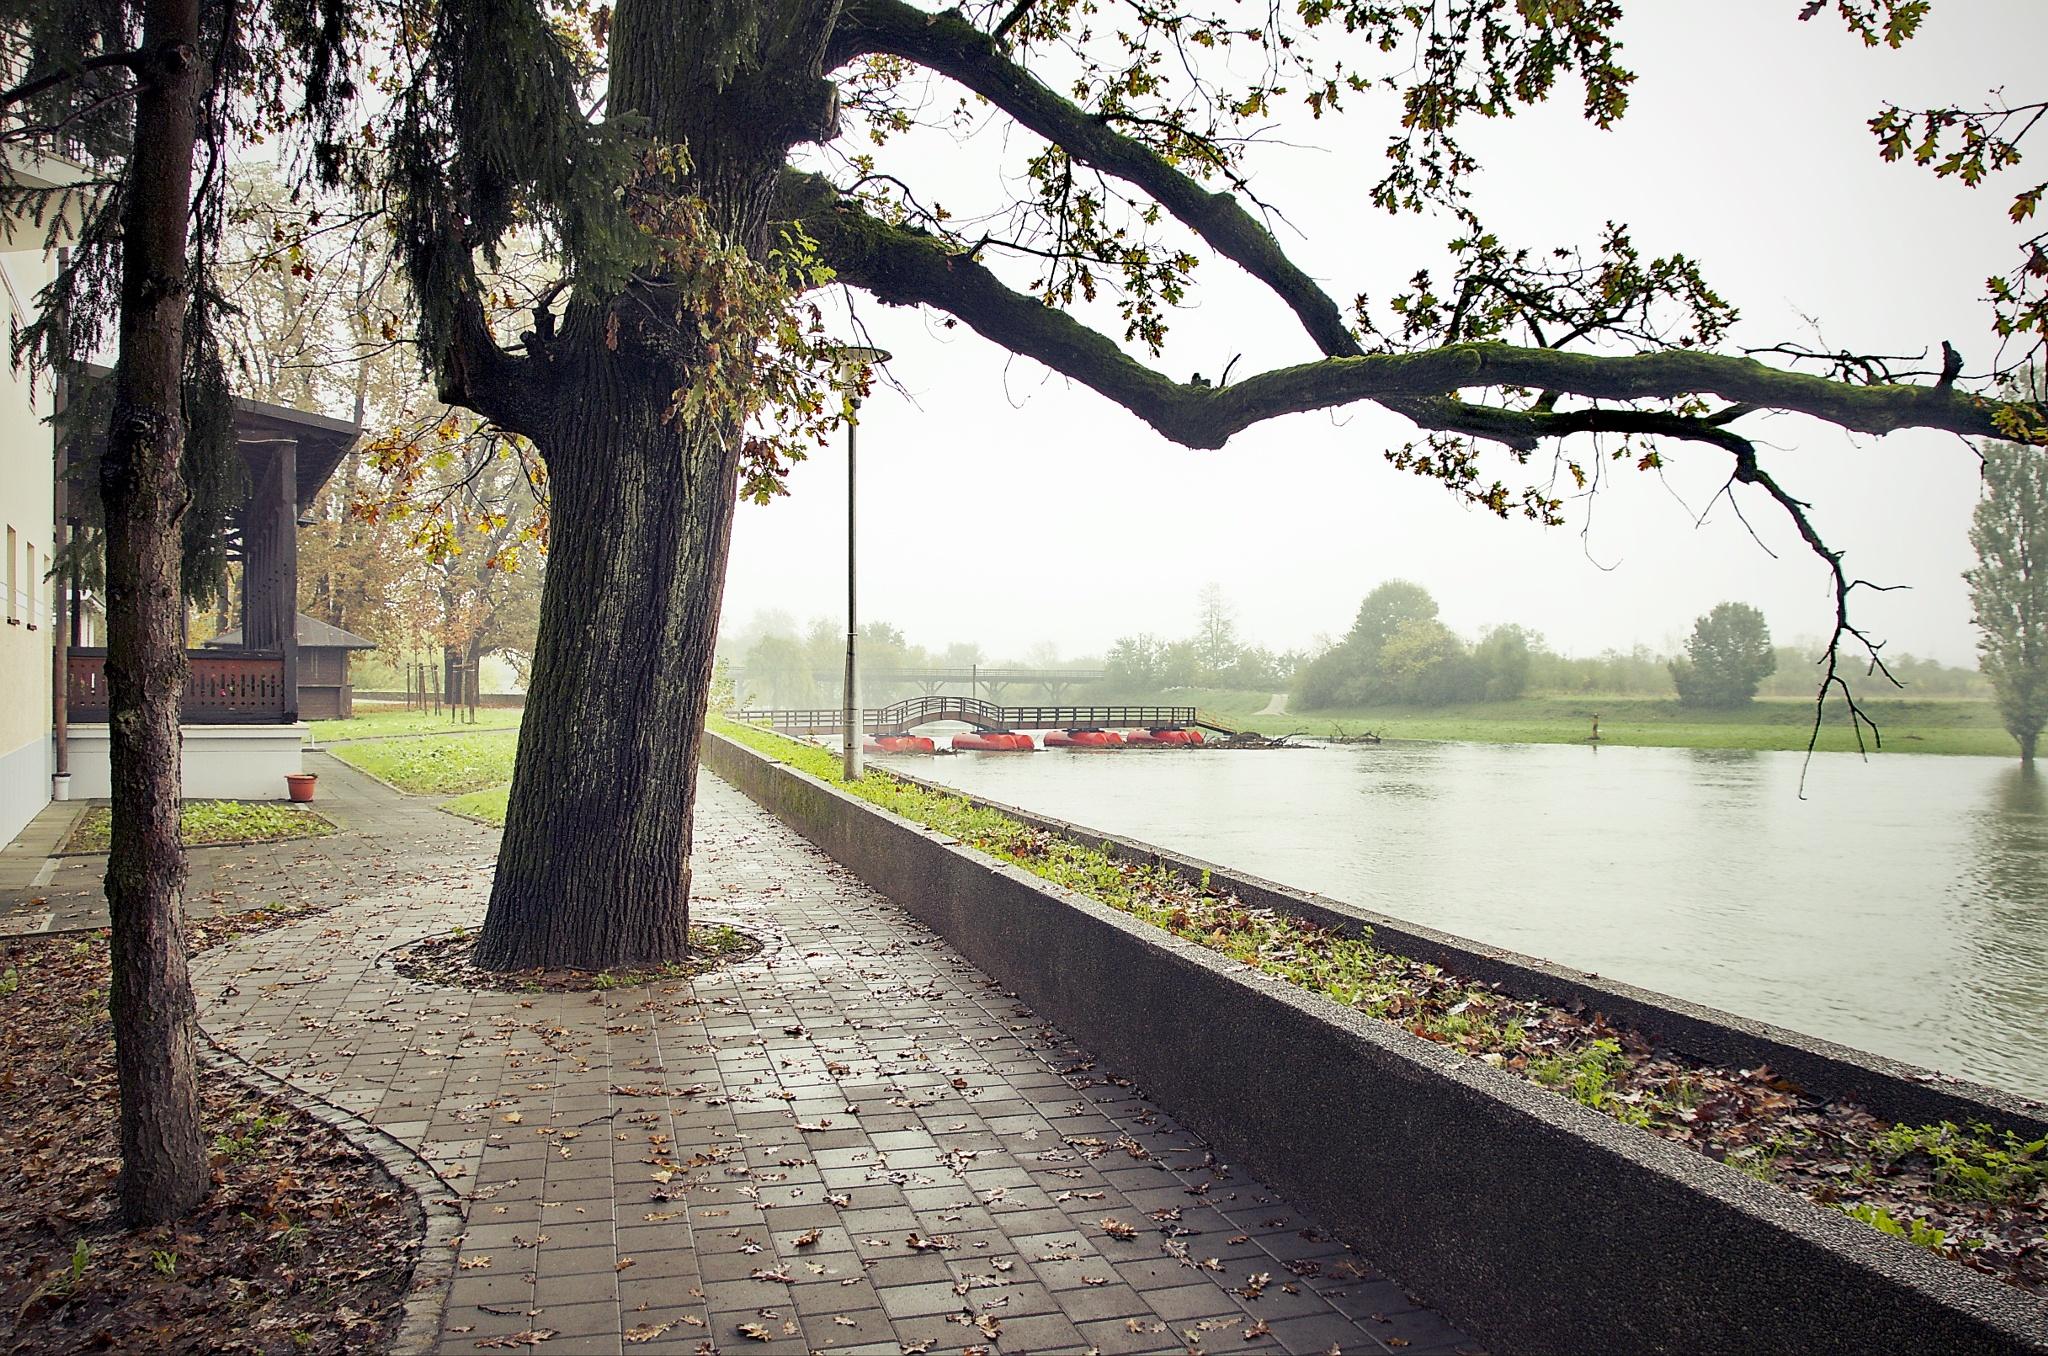 šetnja uz rijeku by Zdravko Sudac